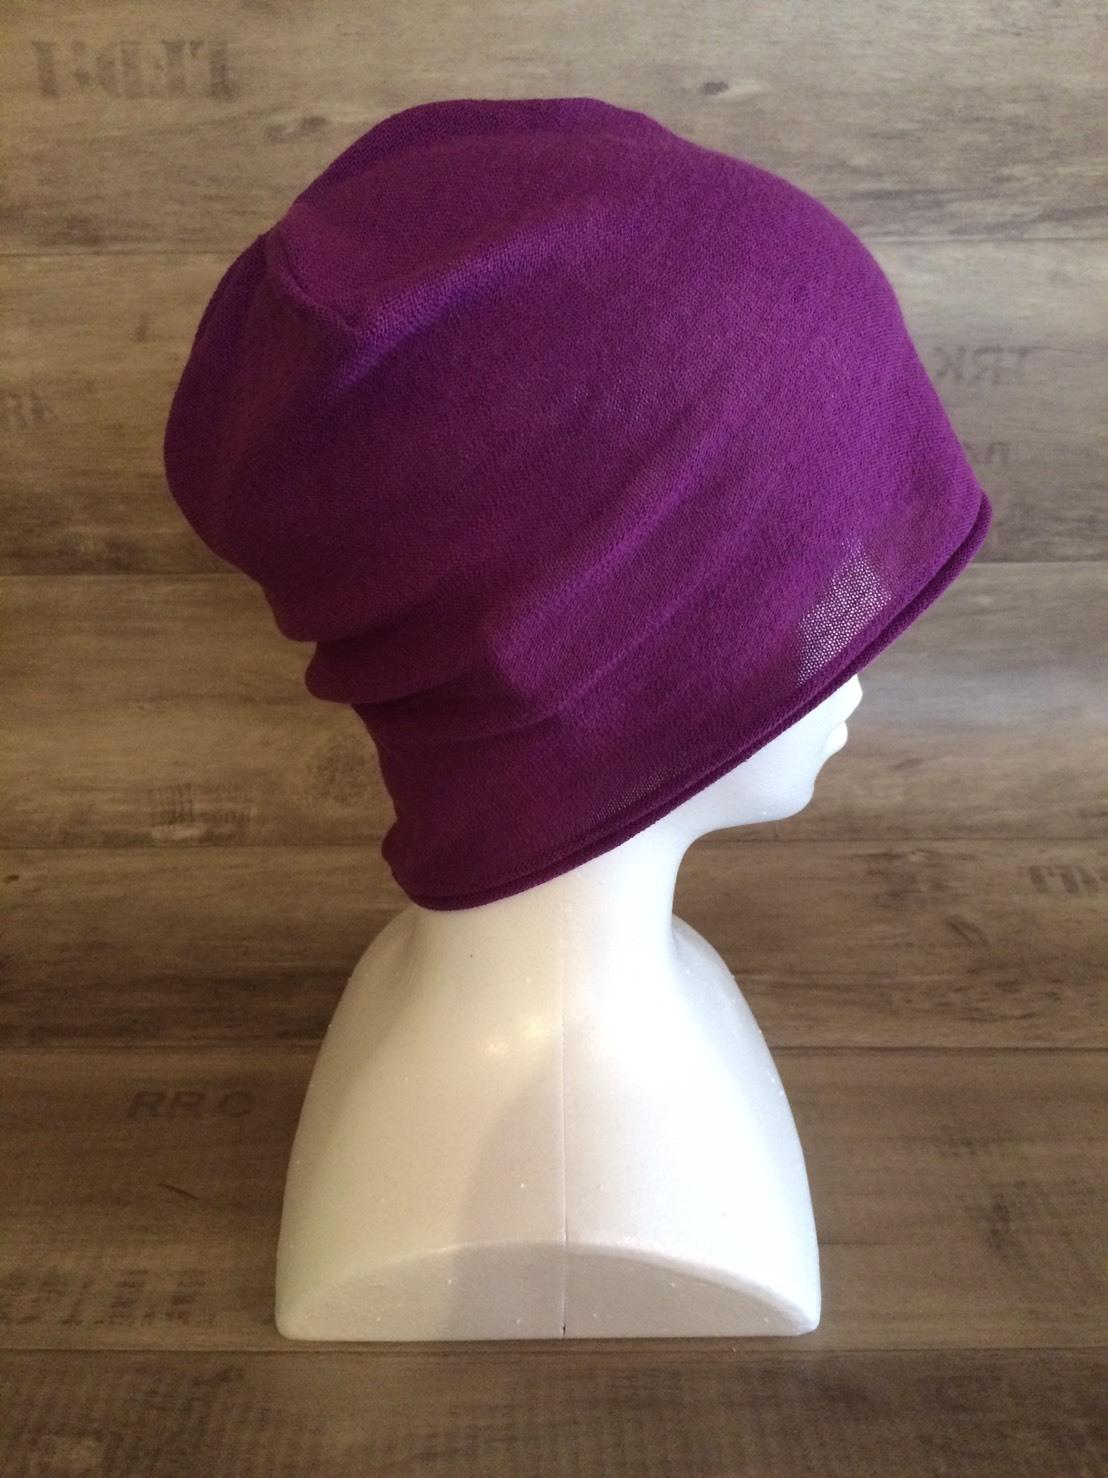 【送料無料】こころが軽くなるニット帽子amuamu 新潟の老舗ニットメーカーが考案した抗がん治療中の脱毛ストレスを軽減する機能性と豊富なデザイン NB-6060 京紫(きょうむらさき) - 画像3